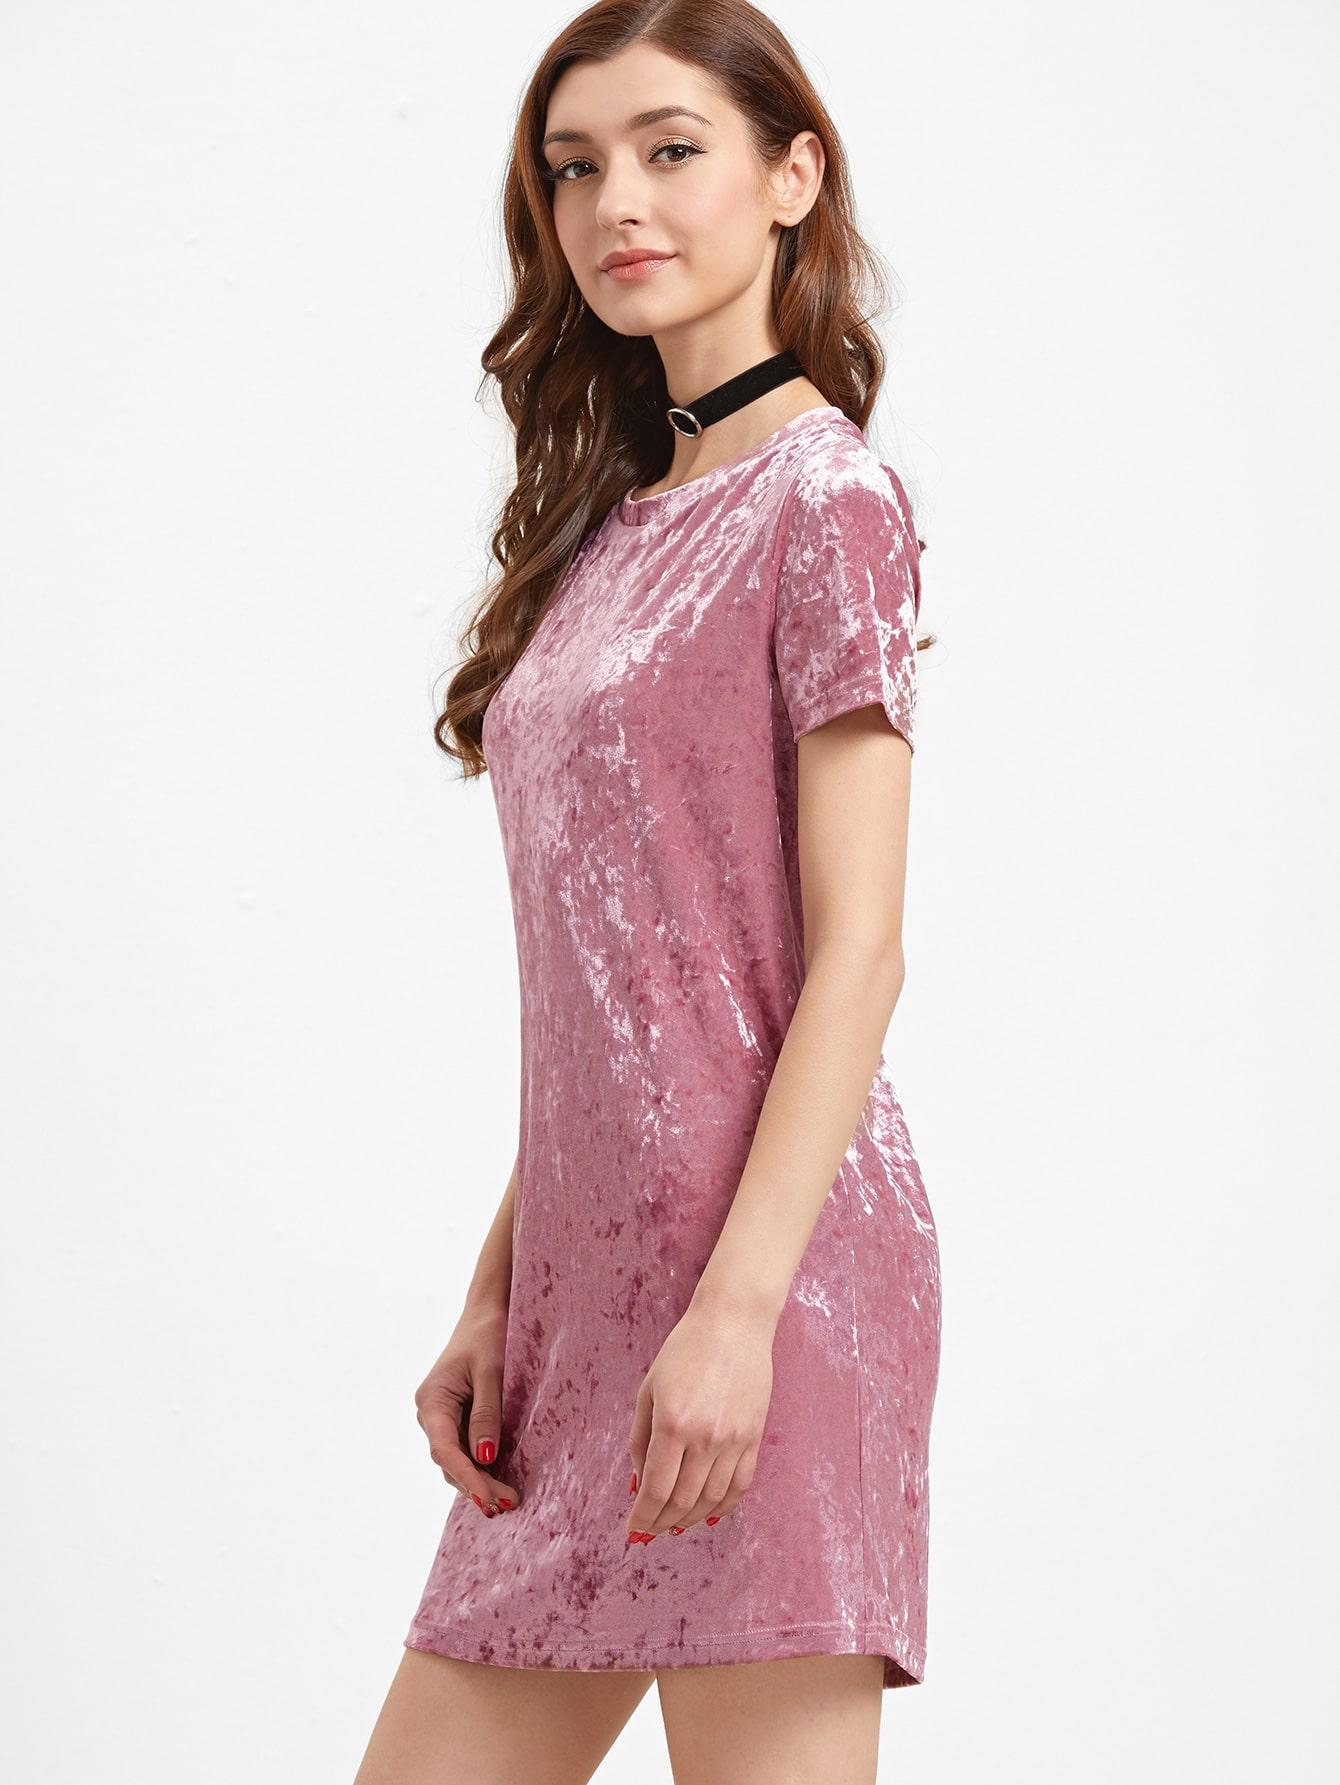 dress161205712_2